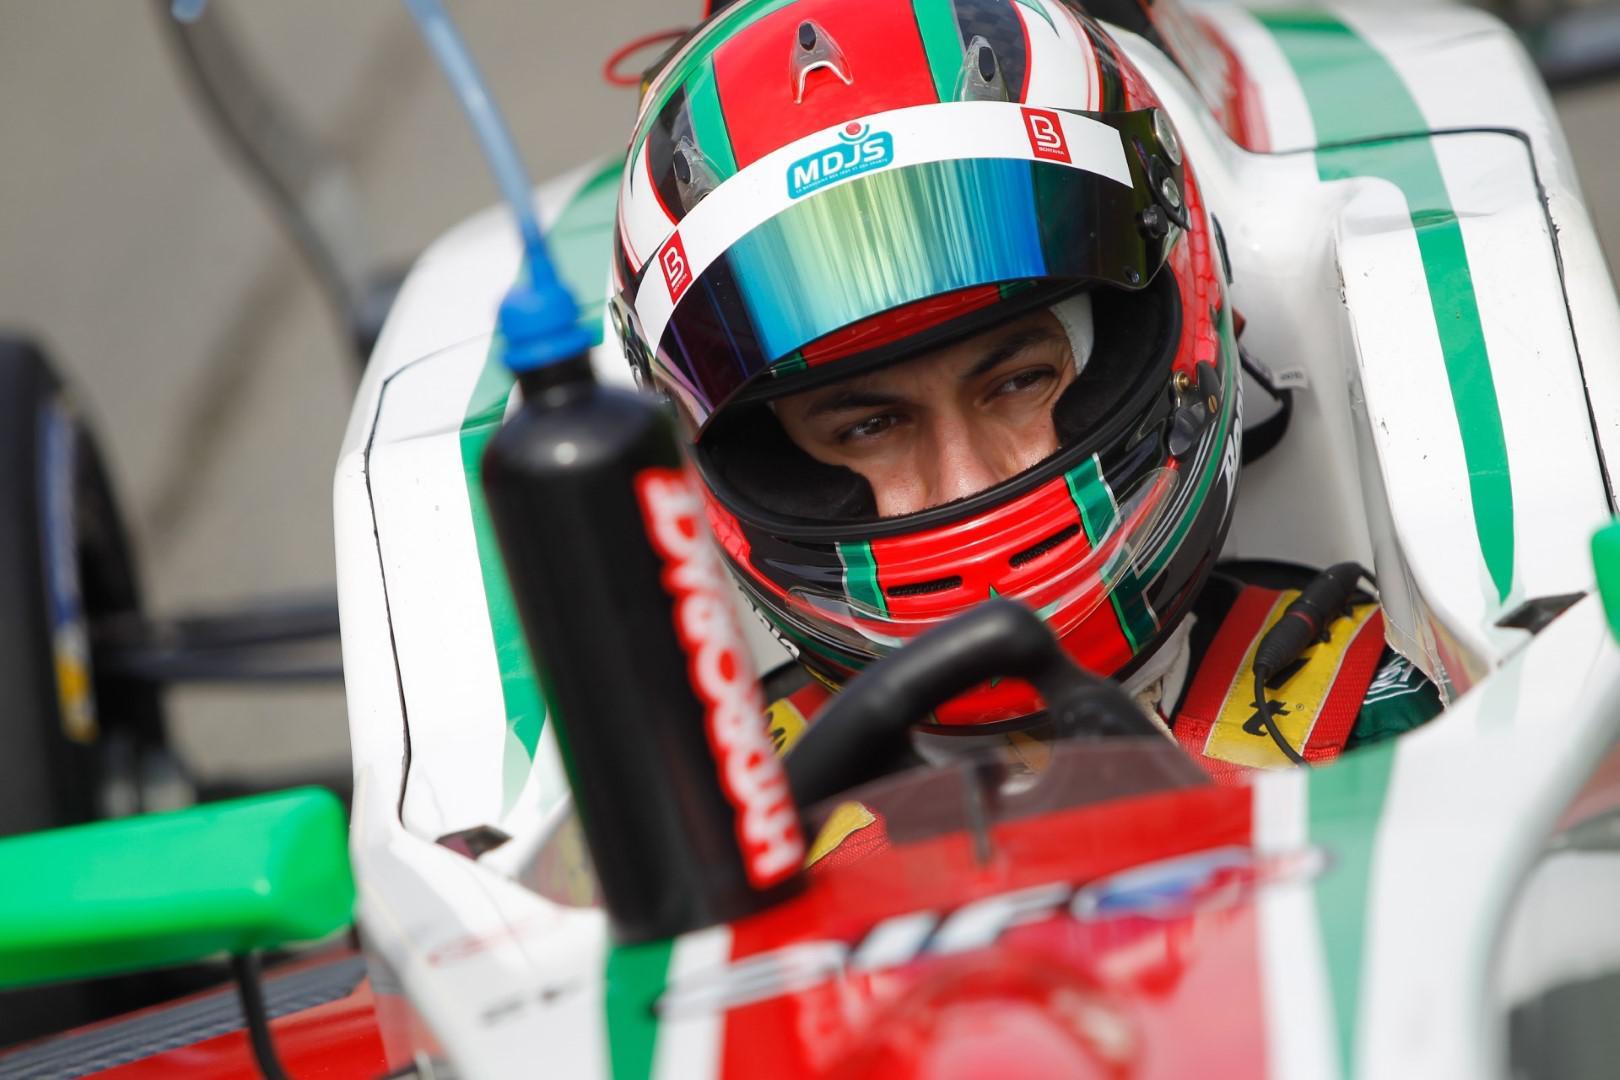 2ème au championnat, le Marocain Benyahia se replace dans la course au titre NEC Formule Renault 2.0 !